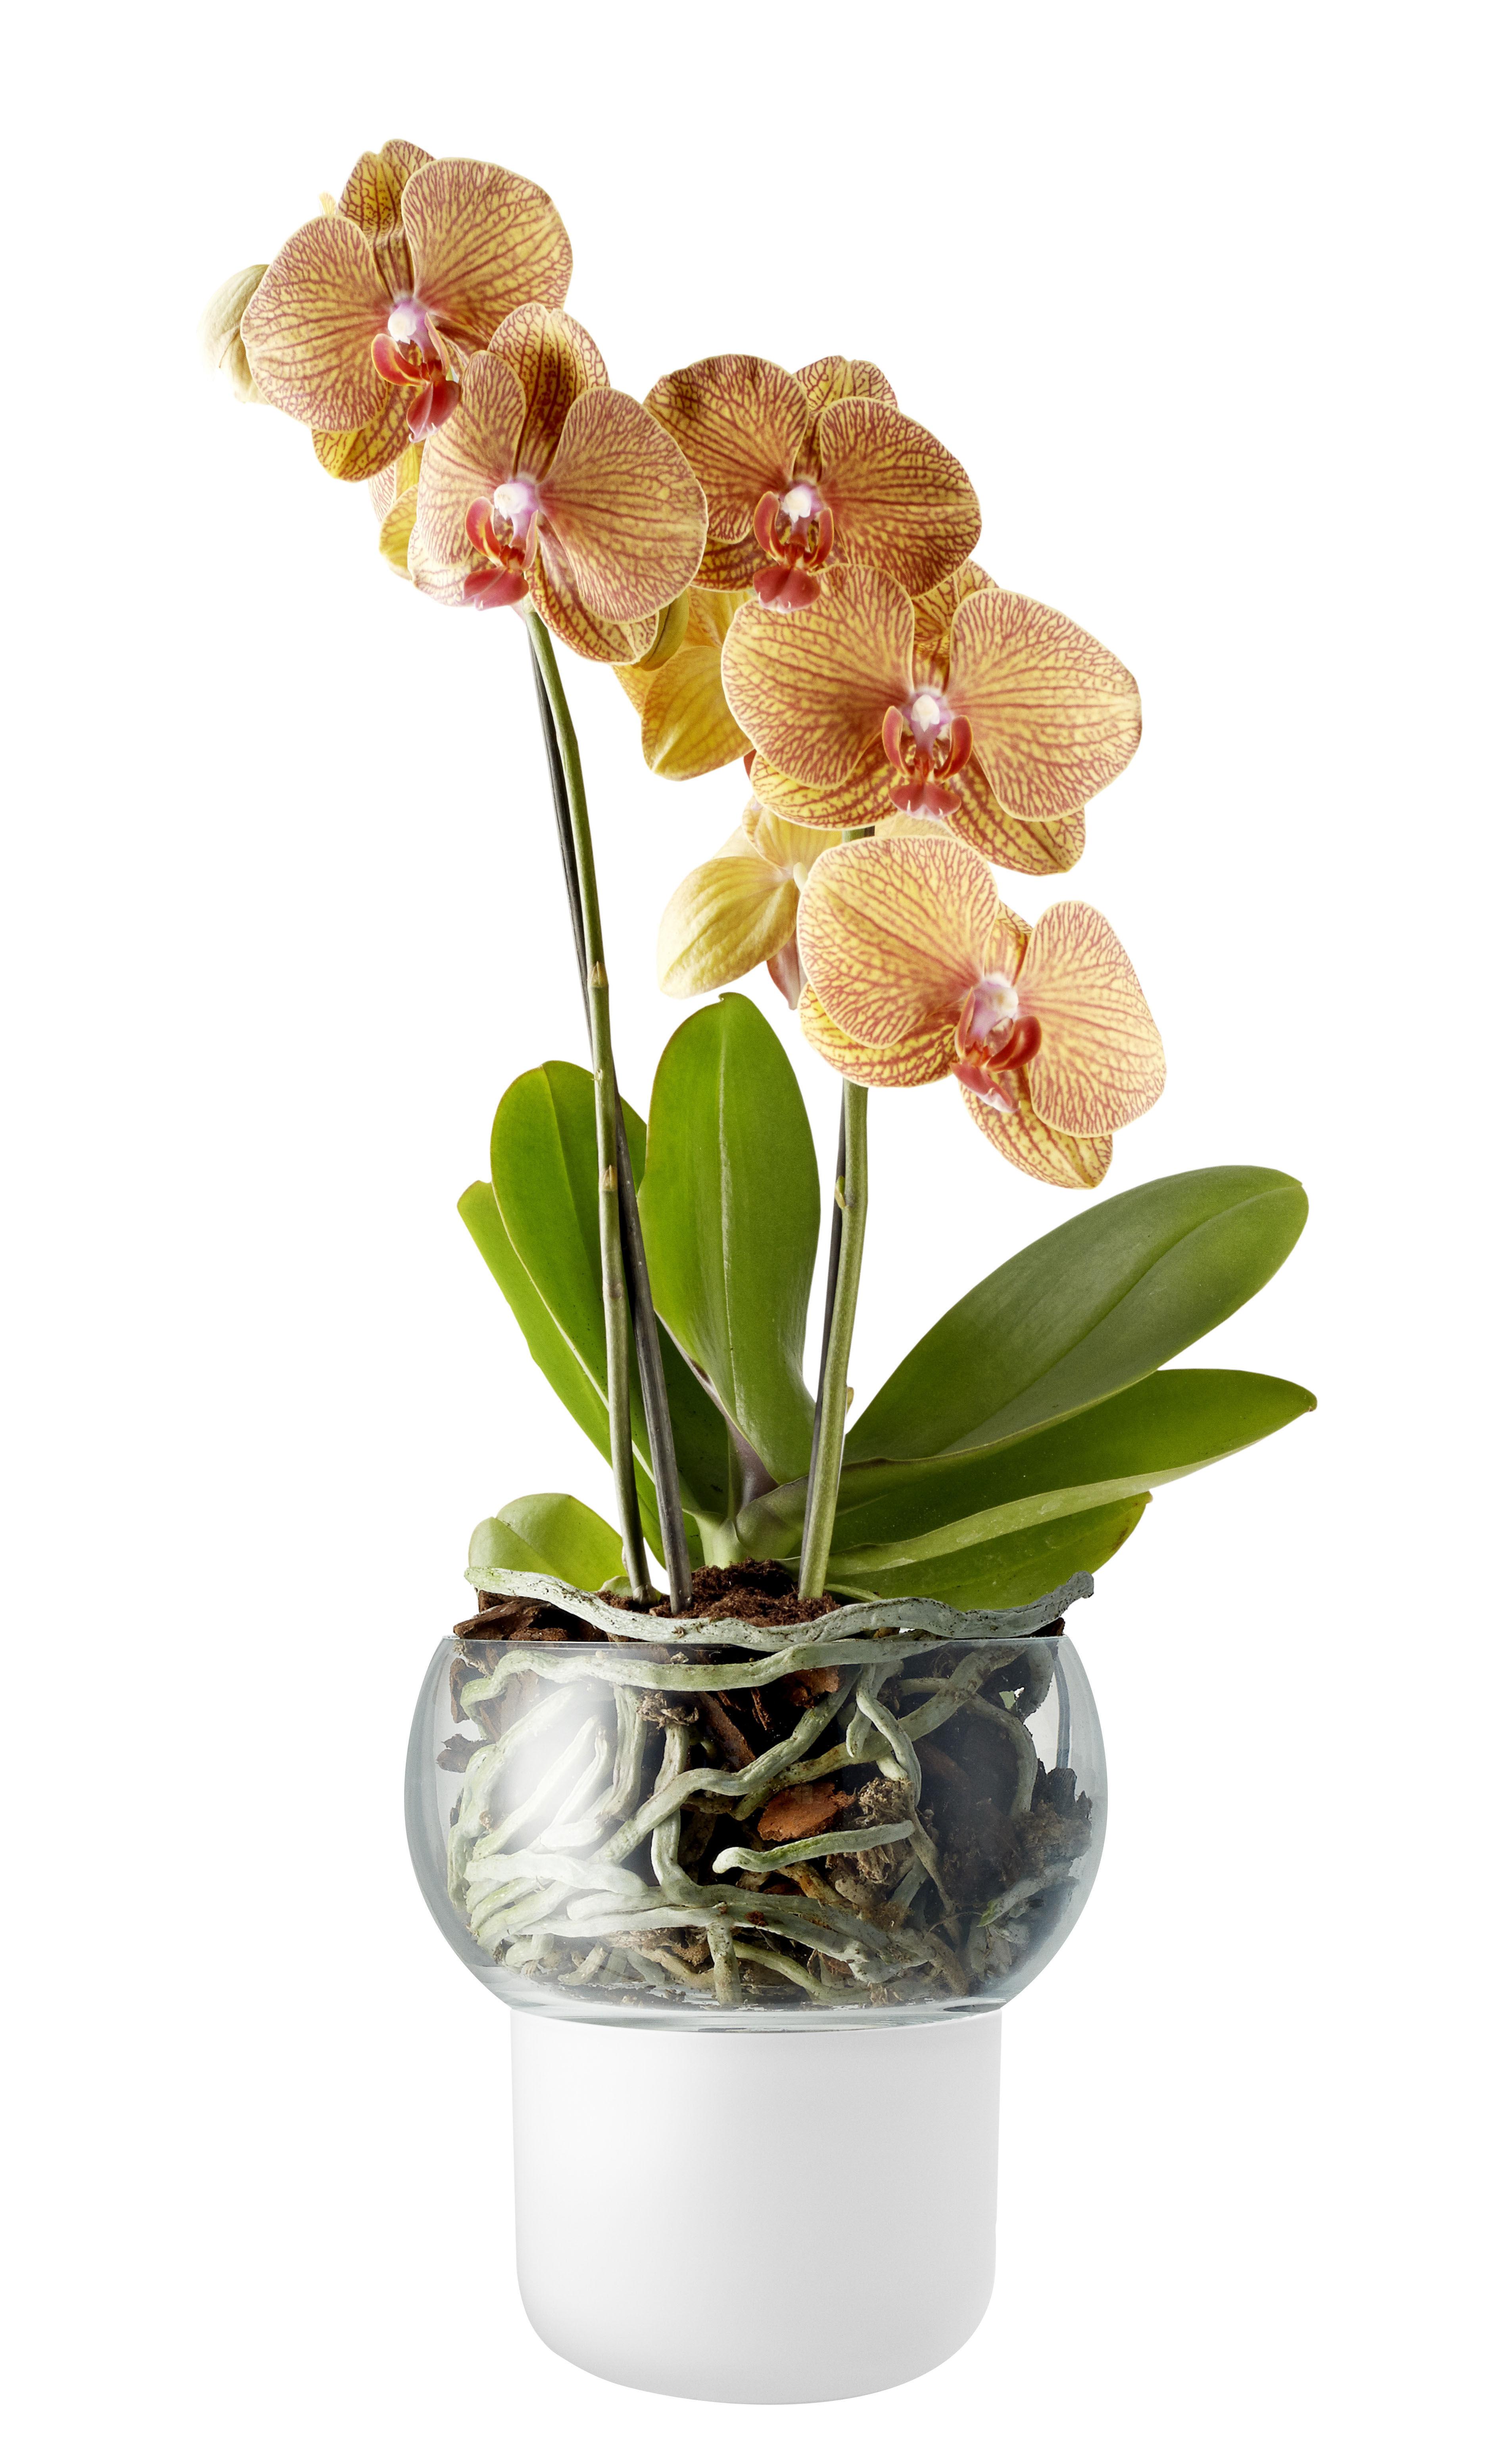 Gr e s 13 cm f r orchideen eva solo for Vasi per orchidee